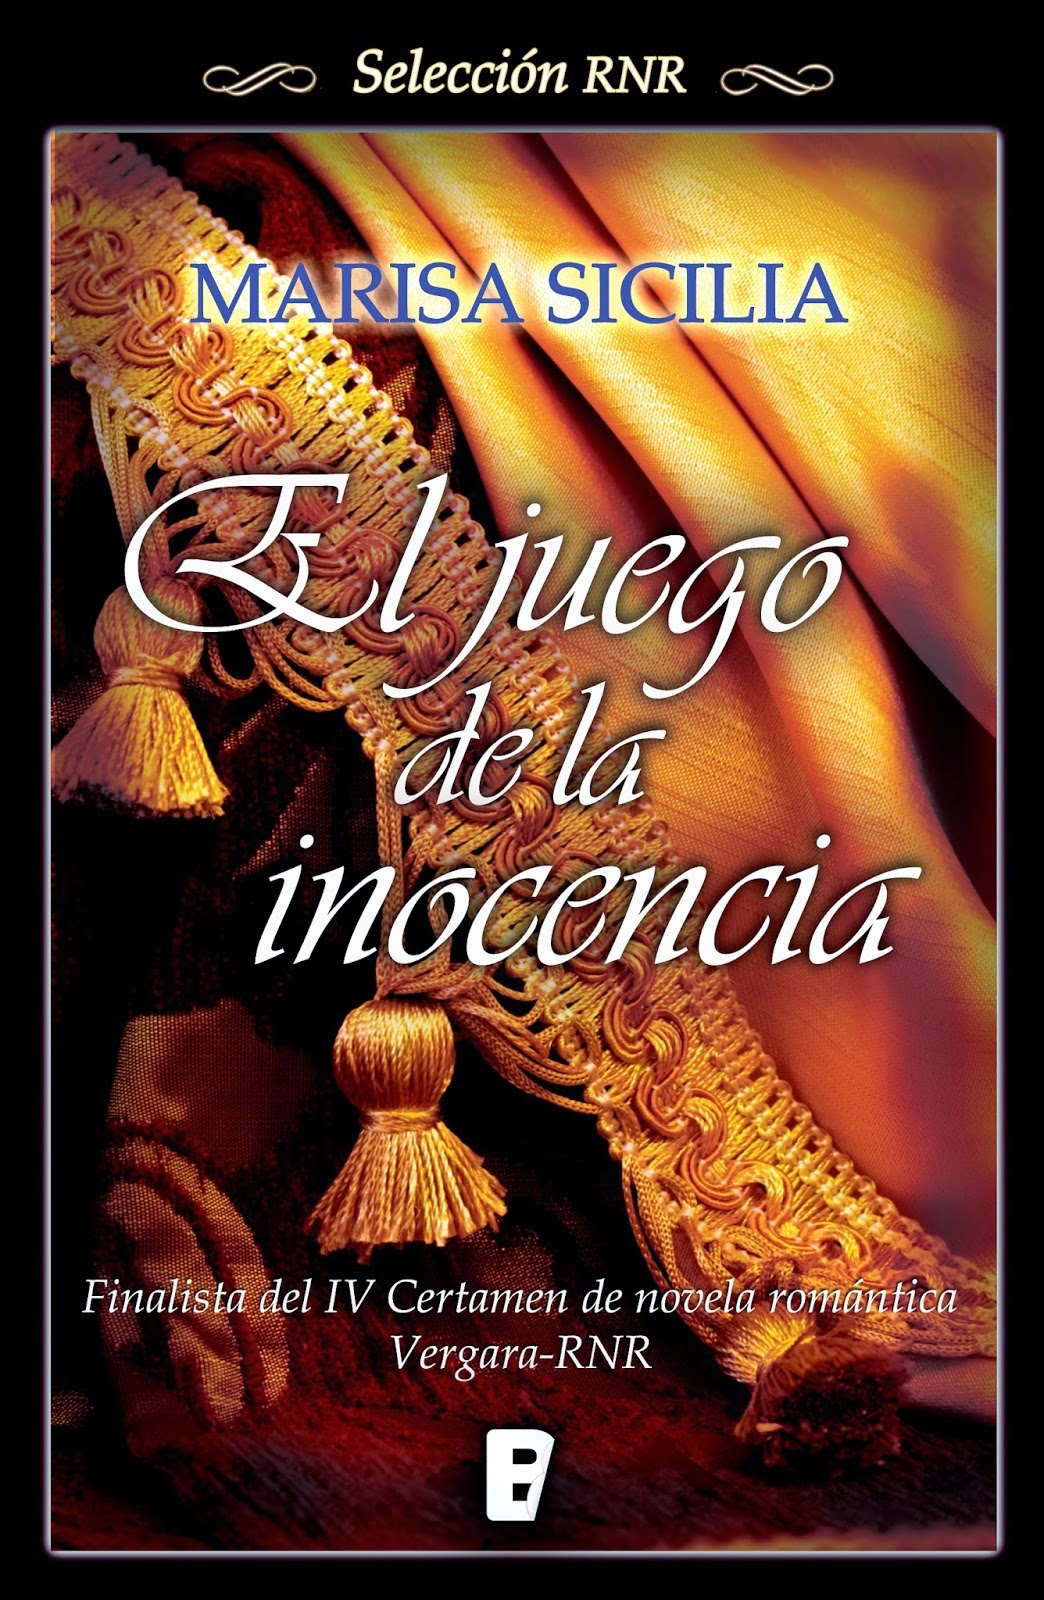 El juego de la inocencia de Marisa Sicilia